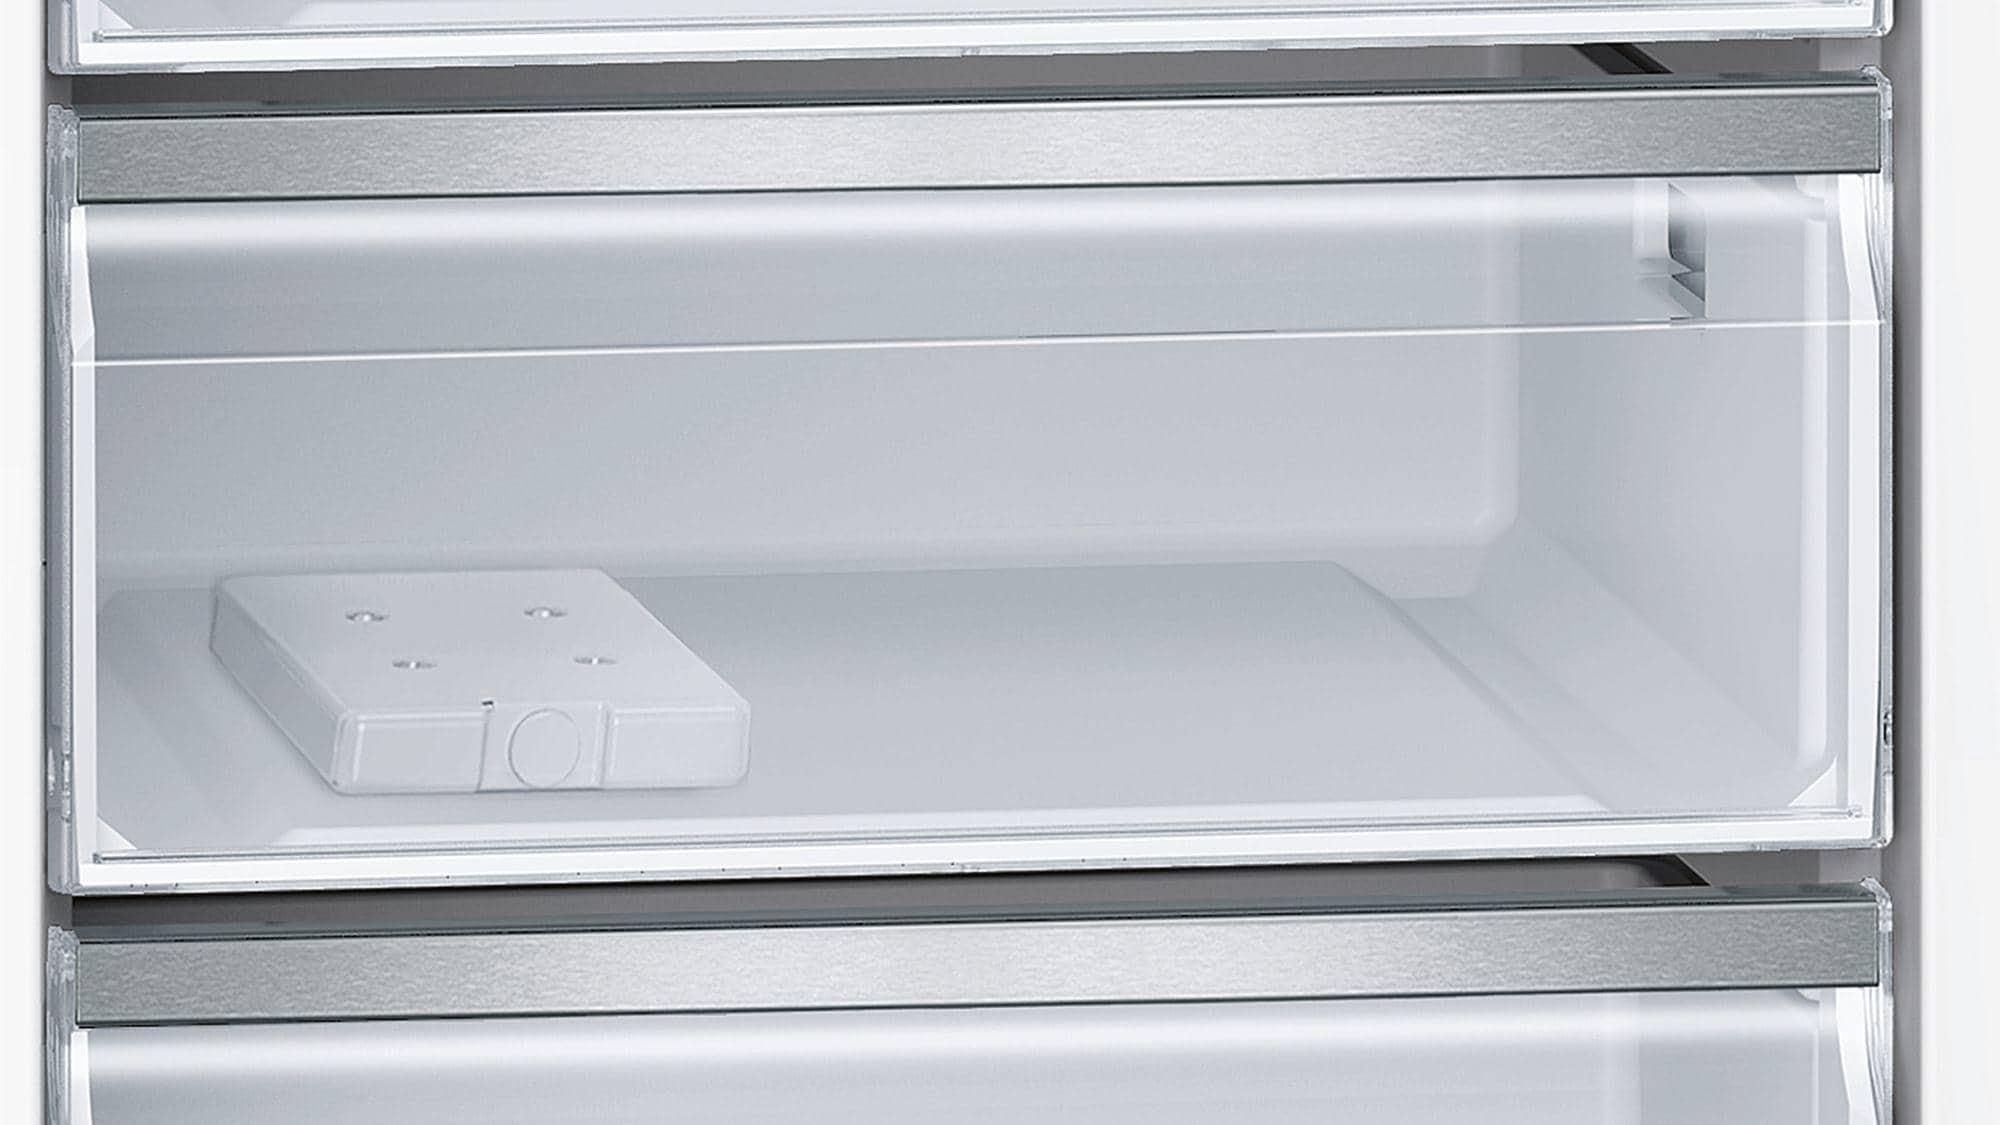 Siemens Kühlschrank 70 Cm Breit : Siemens gs54naw41 a stand gefrierschrank weiß 70 cm breit